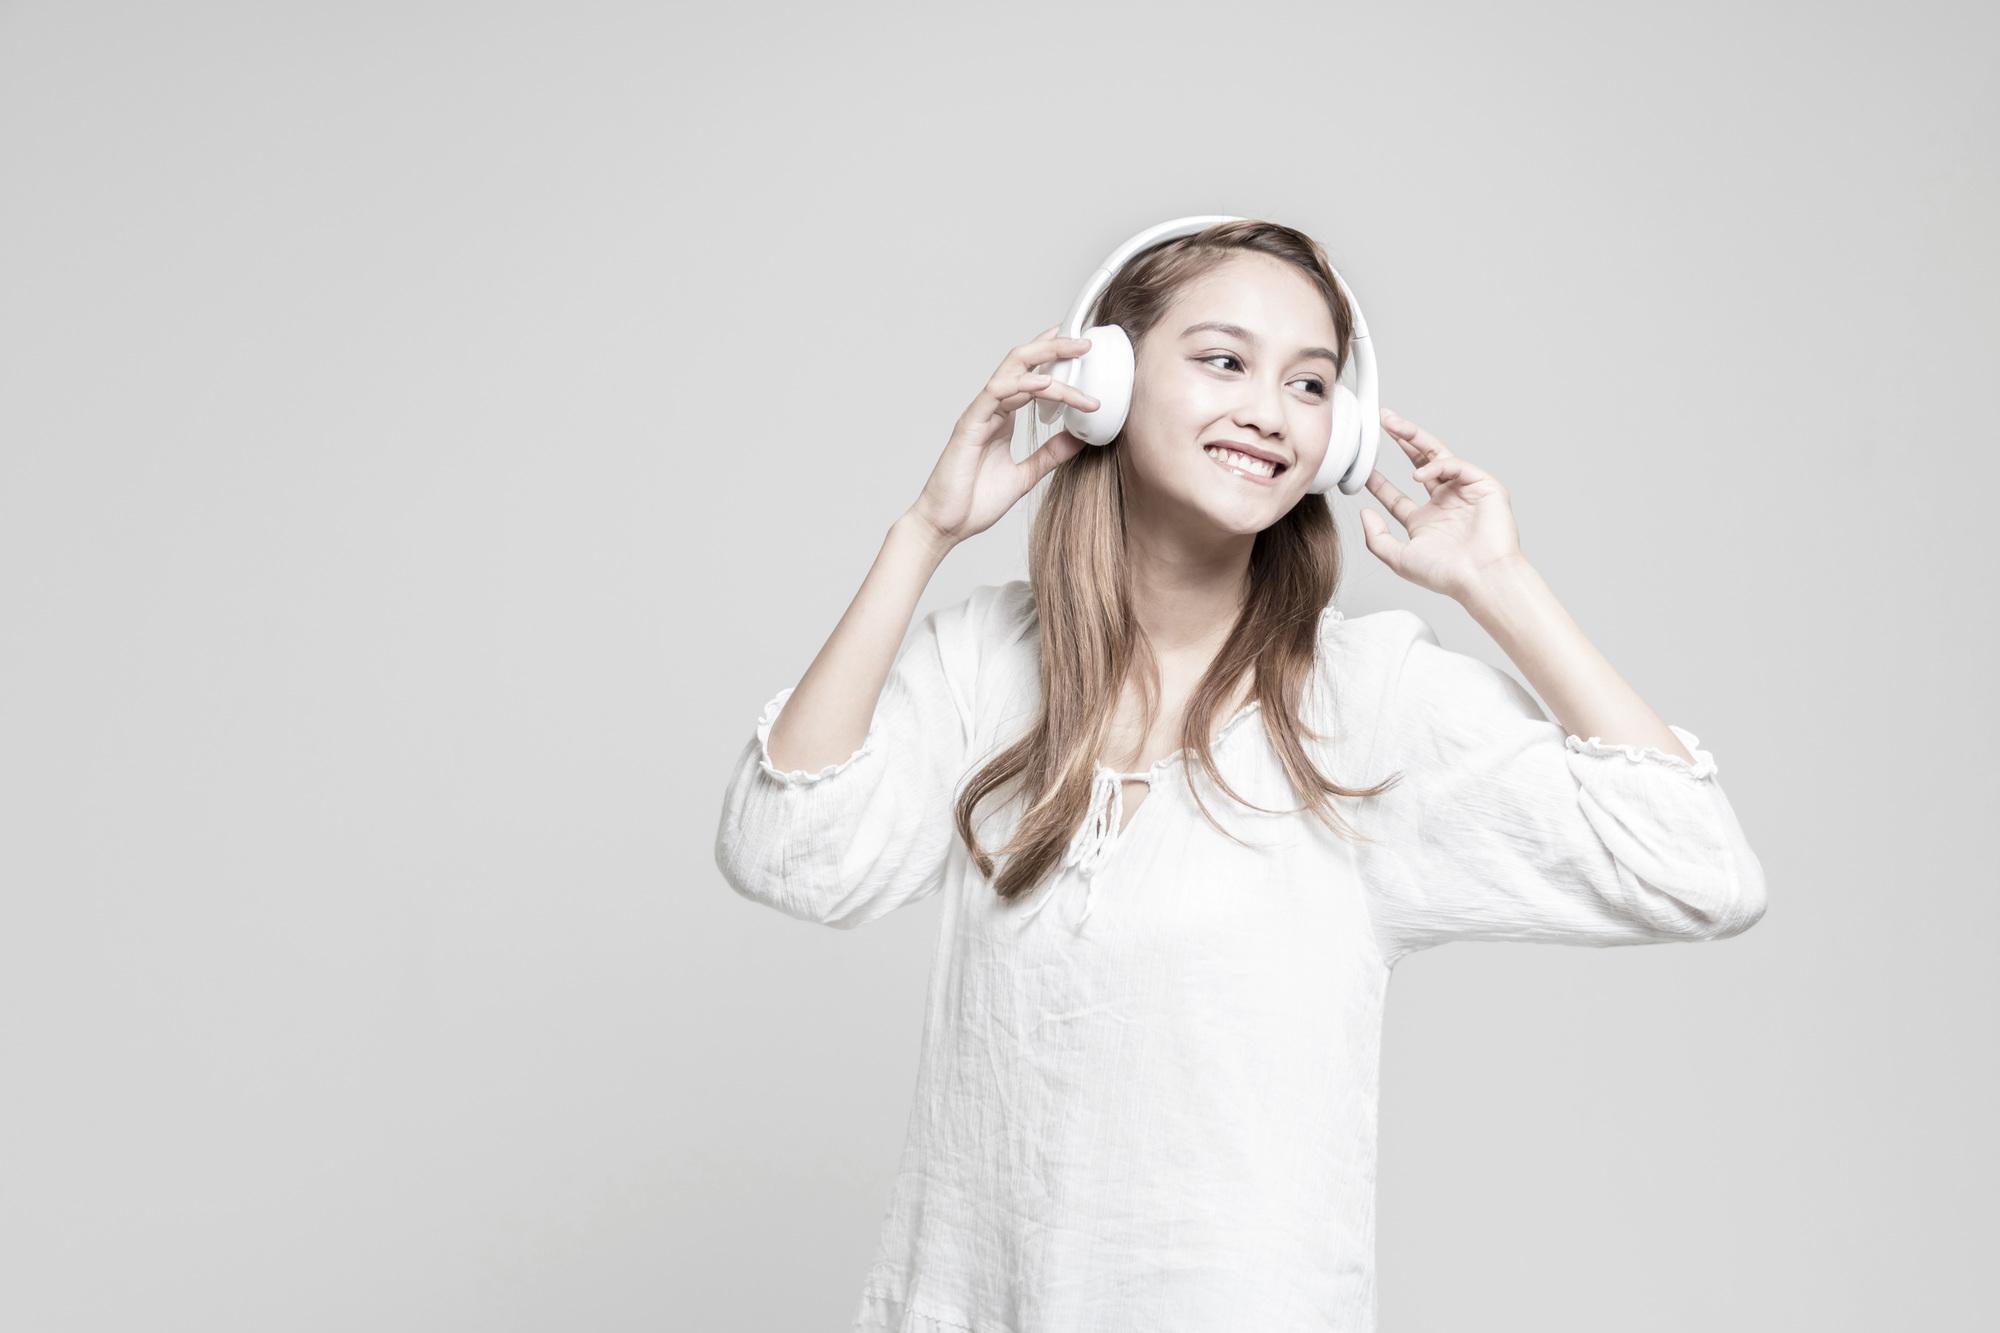 音質が悪いイヤホンの理由とは?音質の良いイヤホンも紹介【iPhone・Bluetooth対応】